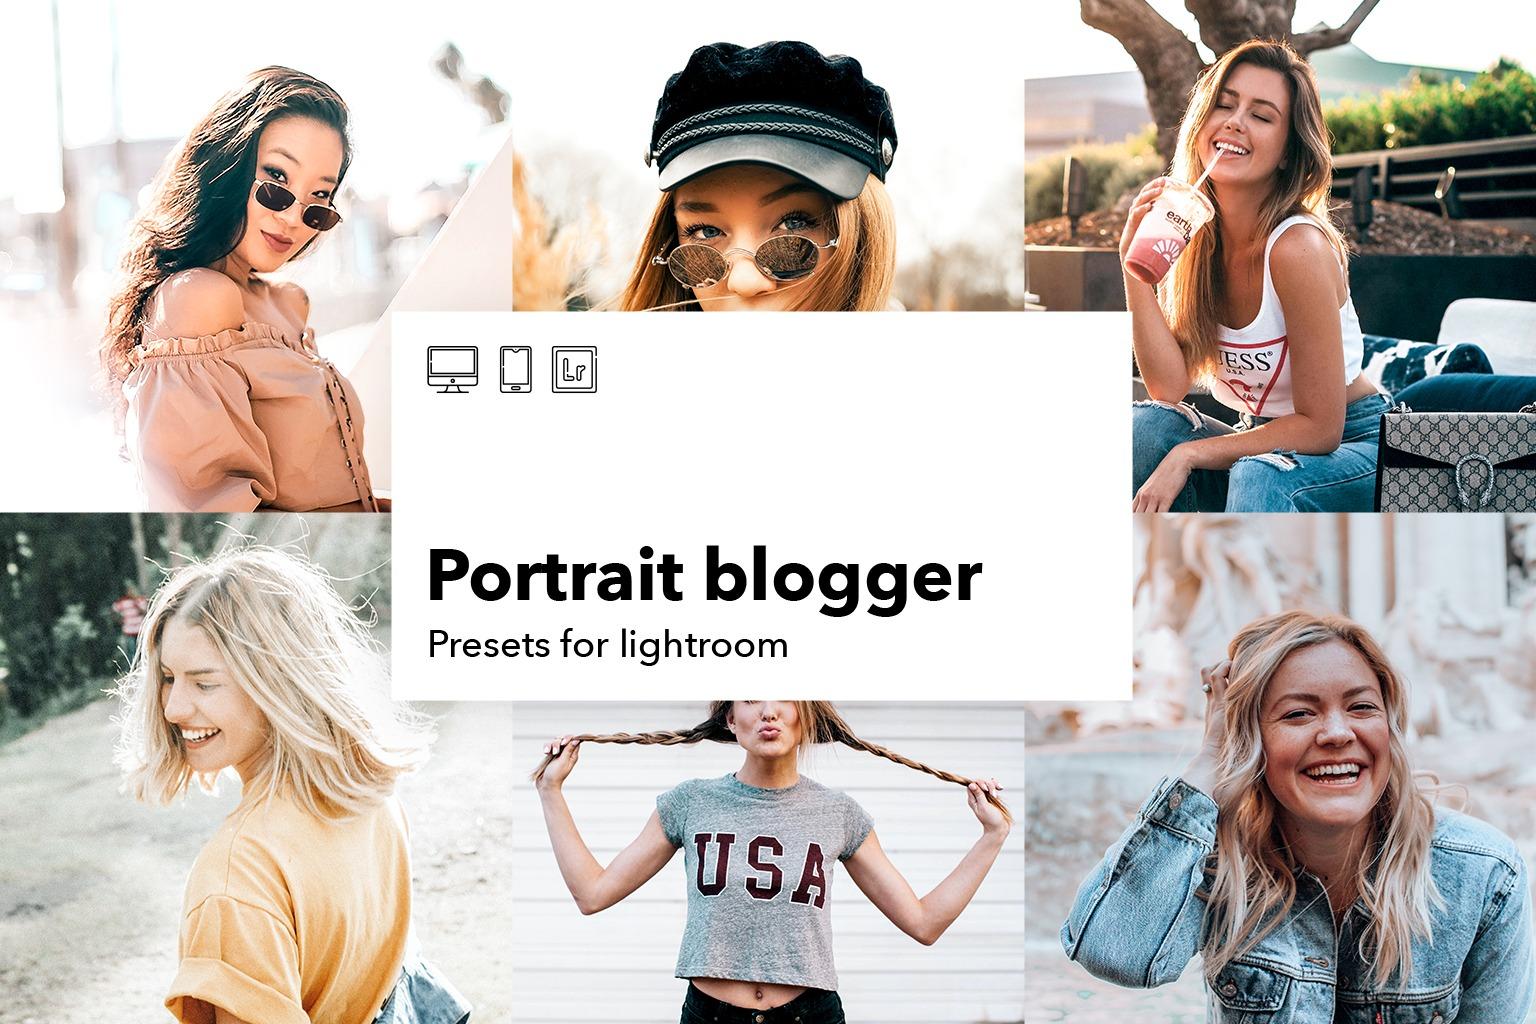 Portrait blogger